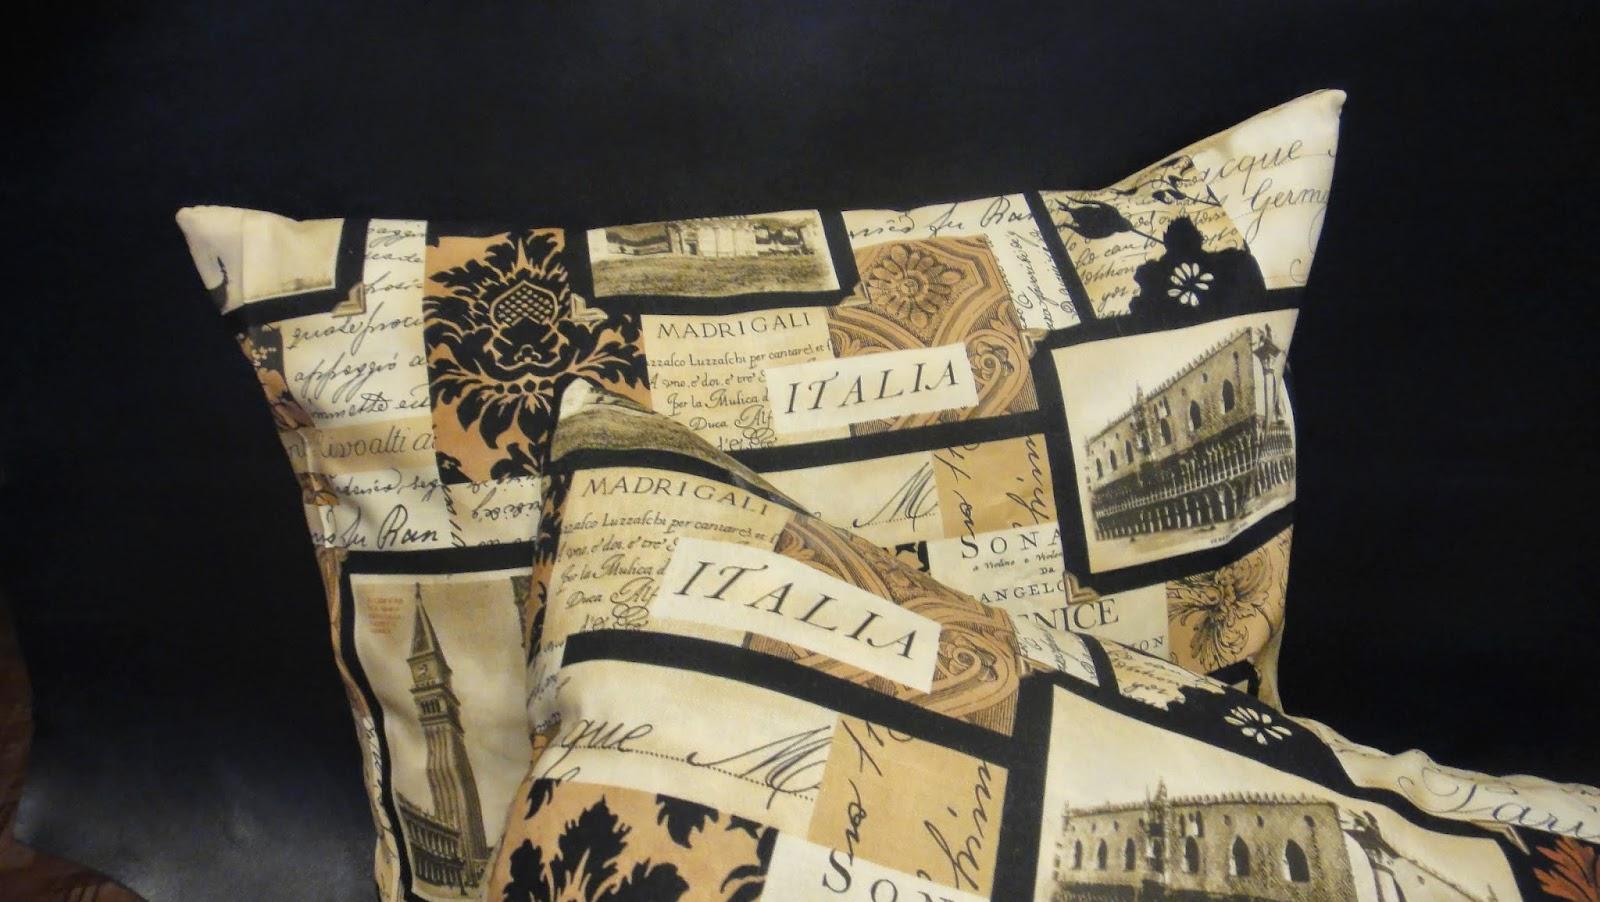 Декоративные подушки для офиса Италия: Миланский собор, Венецианская гондола, Пизанская башня